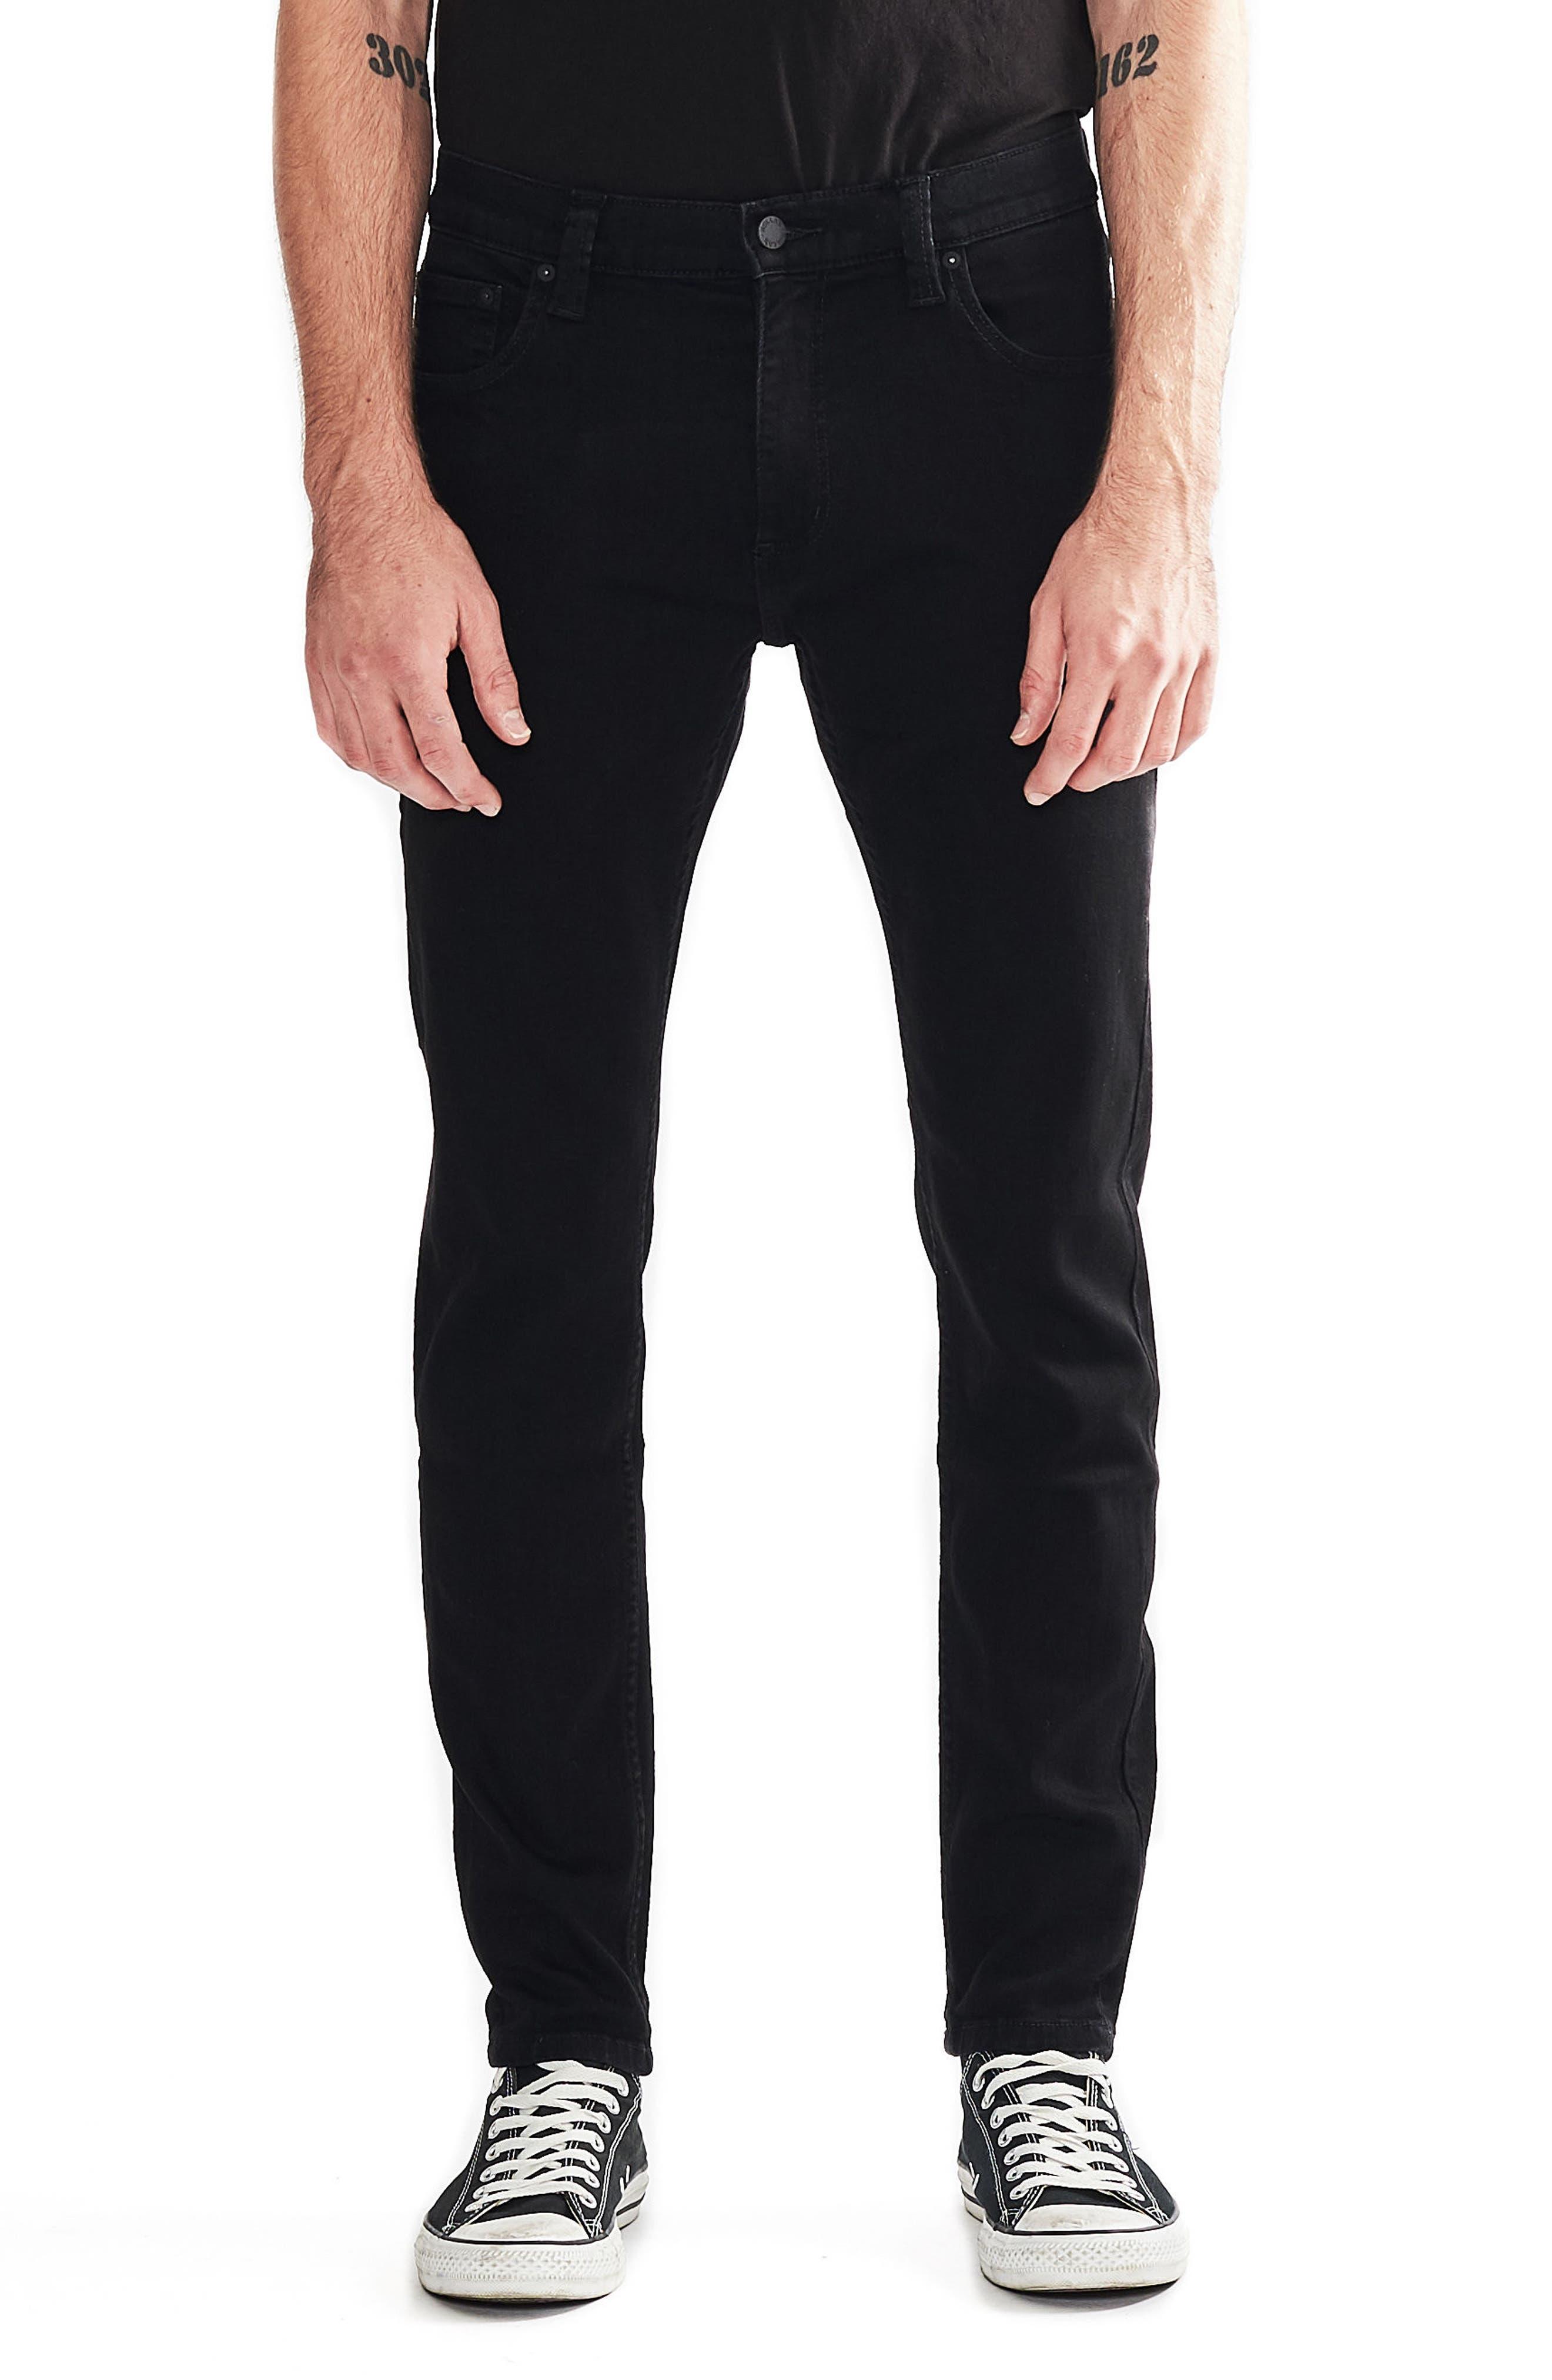 ROLLA'S Stinger Skinny Fit Jeans, Main, color, BLACK GOLD